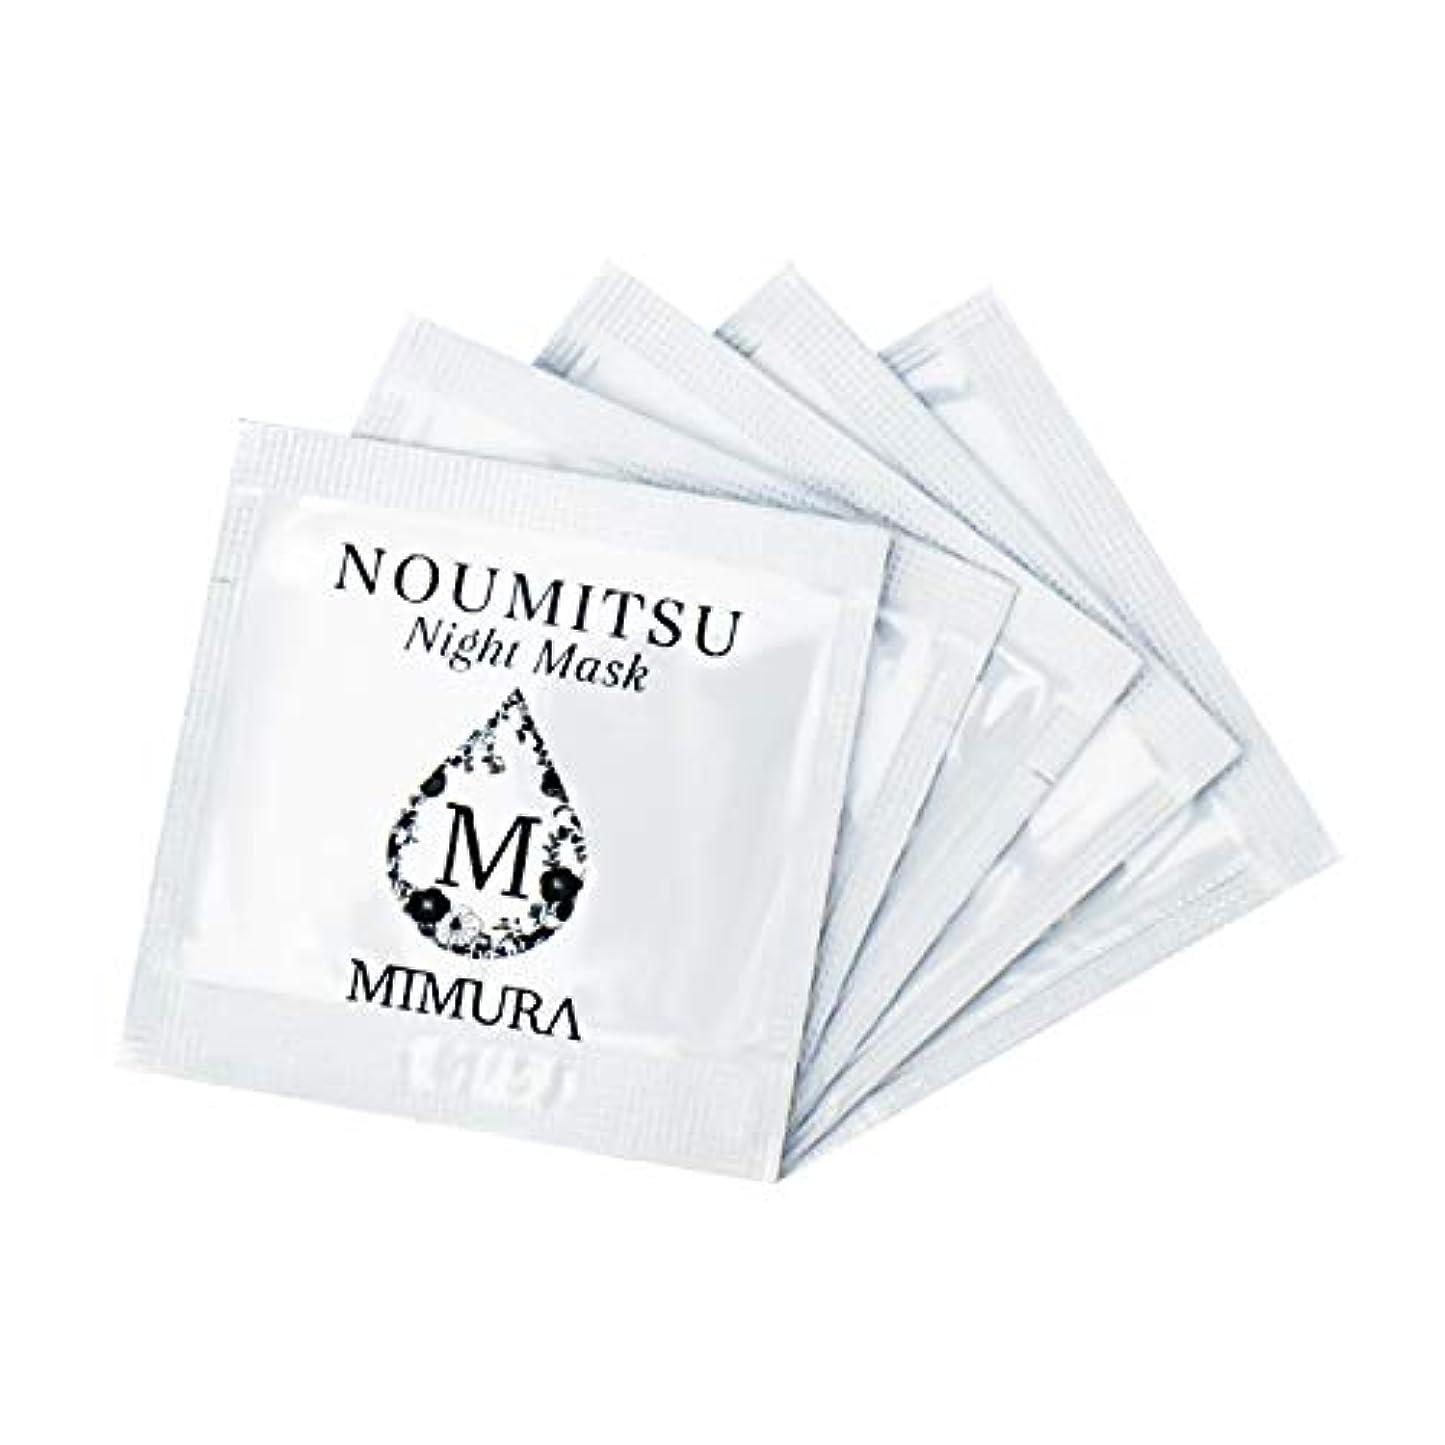 分析的なソース昼食ナイトケアクリーム 保湿 顔 用 ミムラ ナイトマスク NOUMITSU 試供品 5個入り ゆうパケット (ポスト投函)での発送となります。 MIMURA 乾燥肌 日本製 ※おひとり様1点、1回限りとなります。